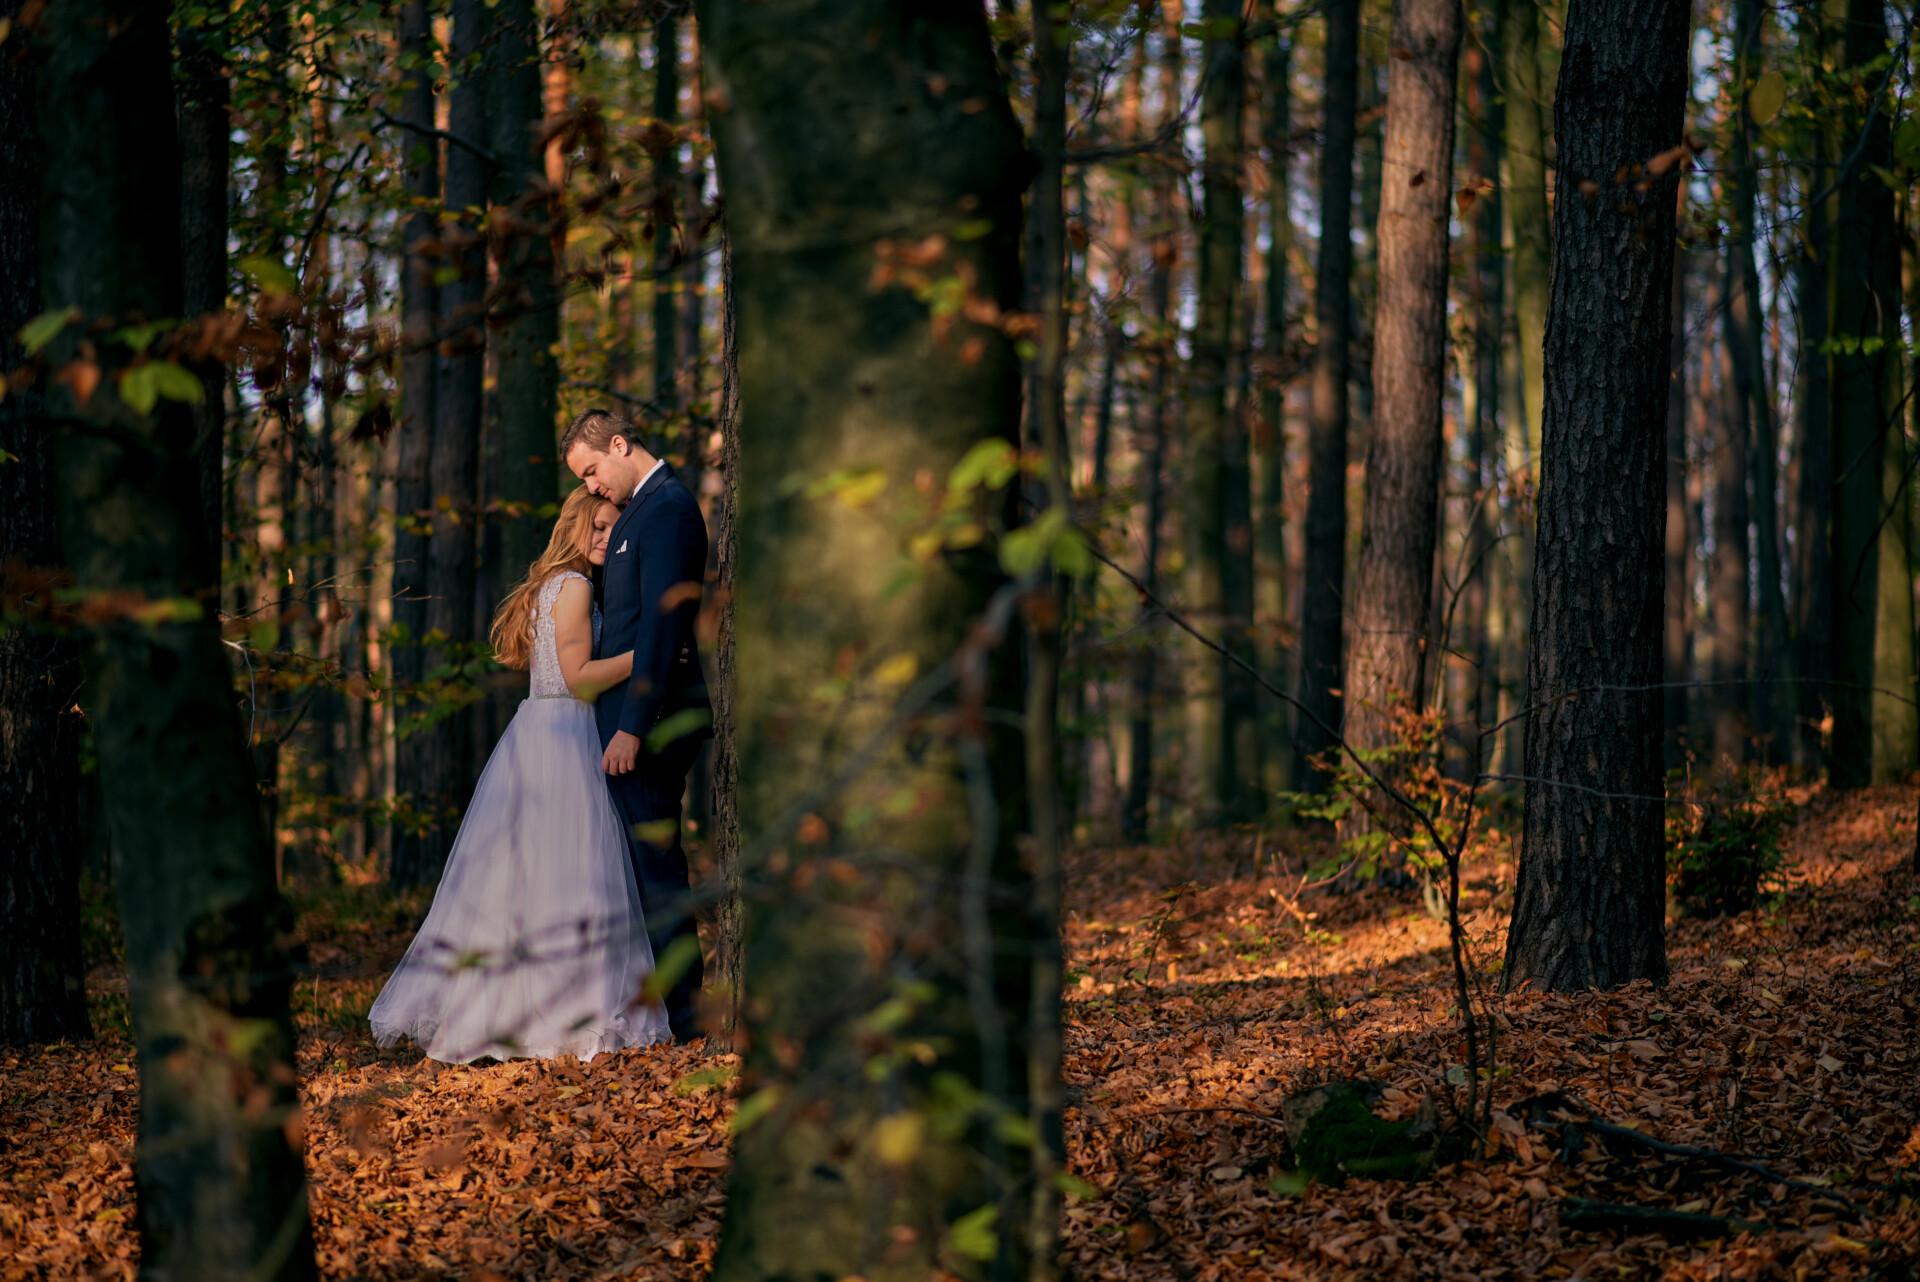 Sesja śłubna w lesie - Fotograf na wesele Rzeszów